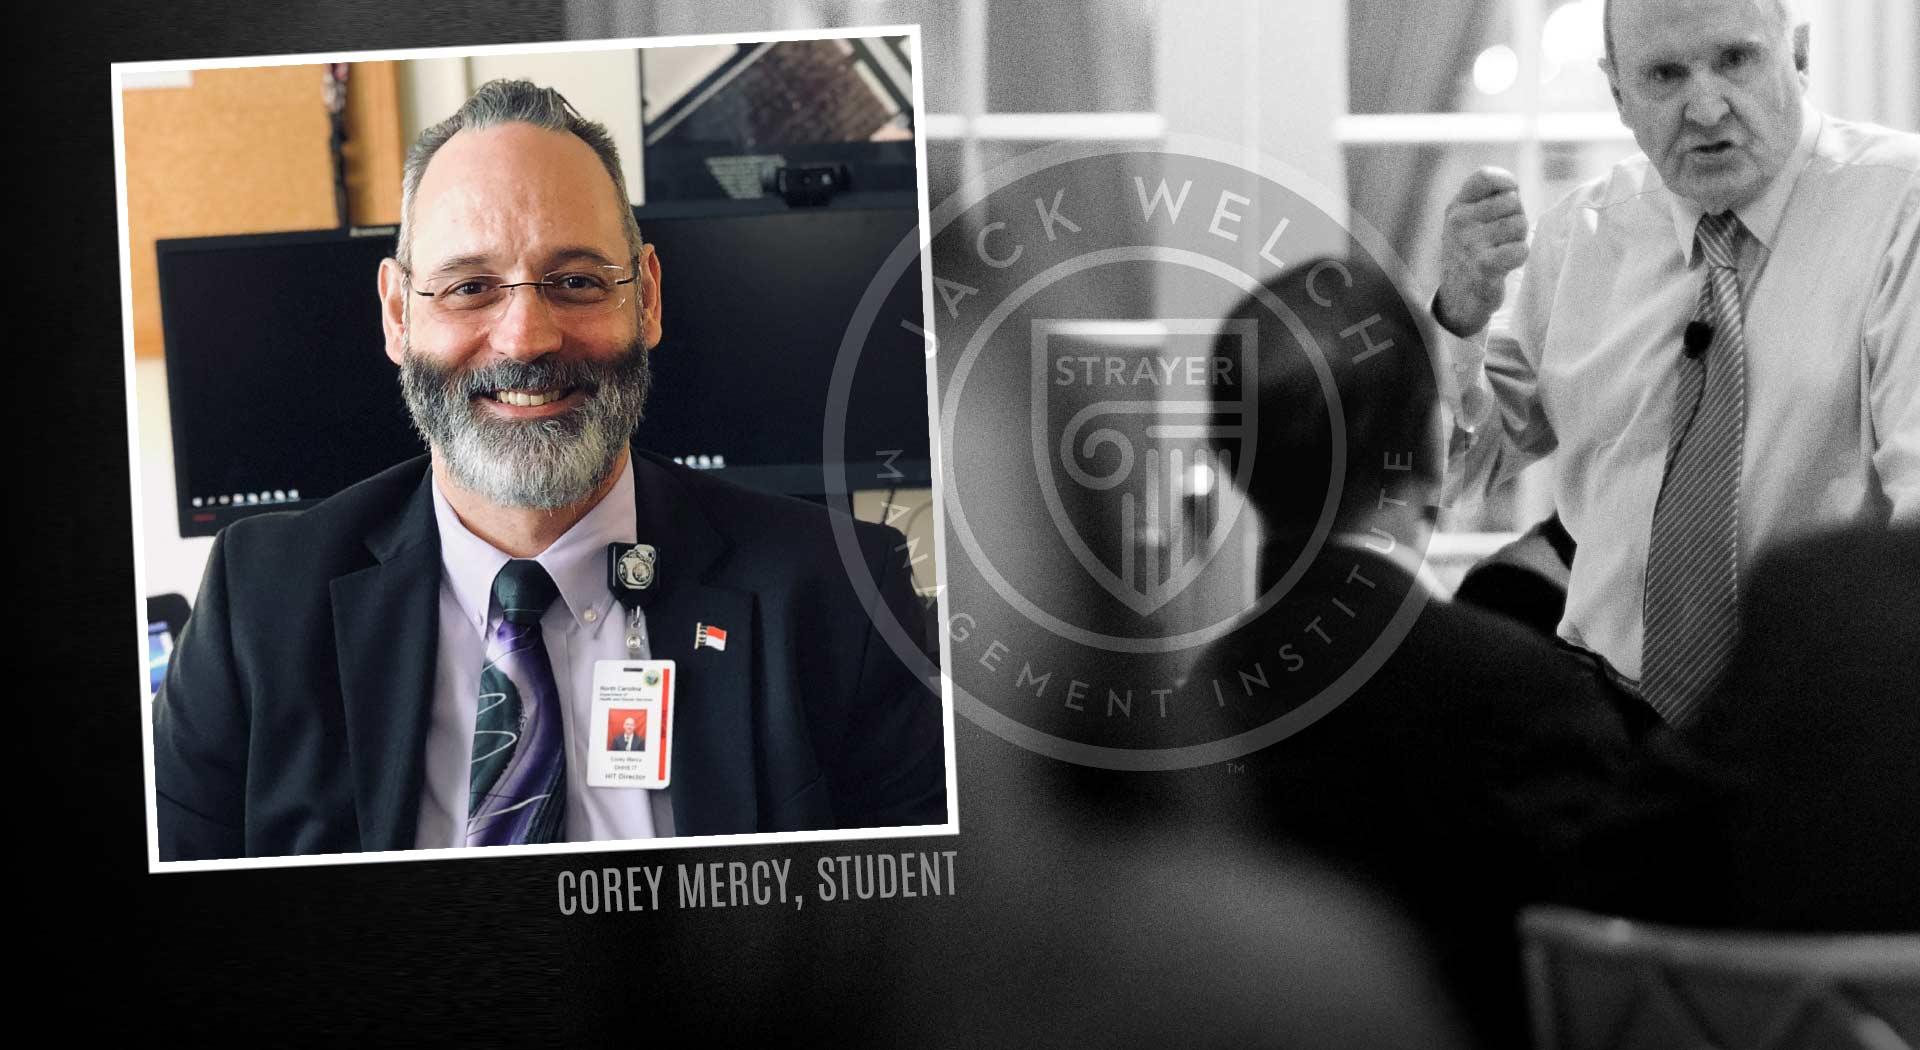 Jack Welch MBA, Corey Mercy